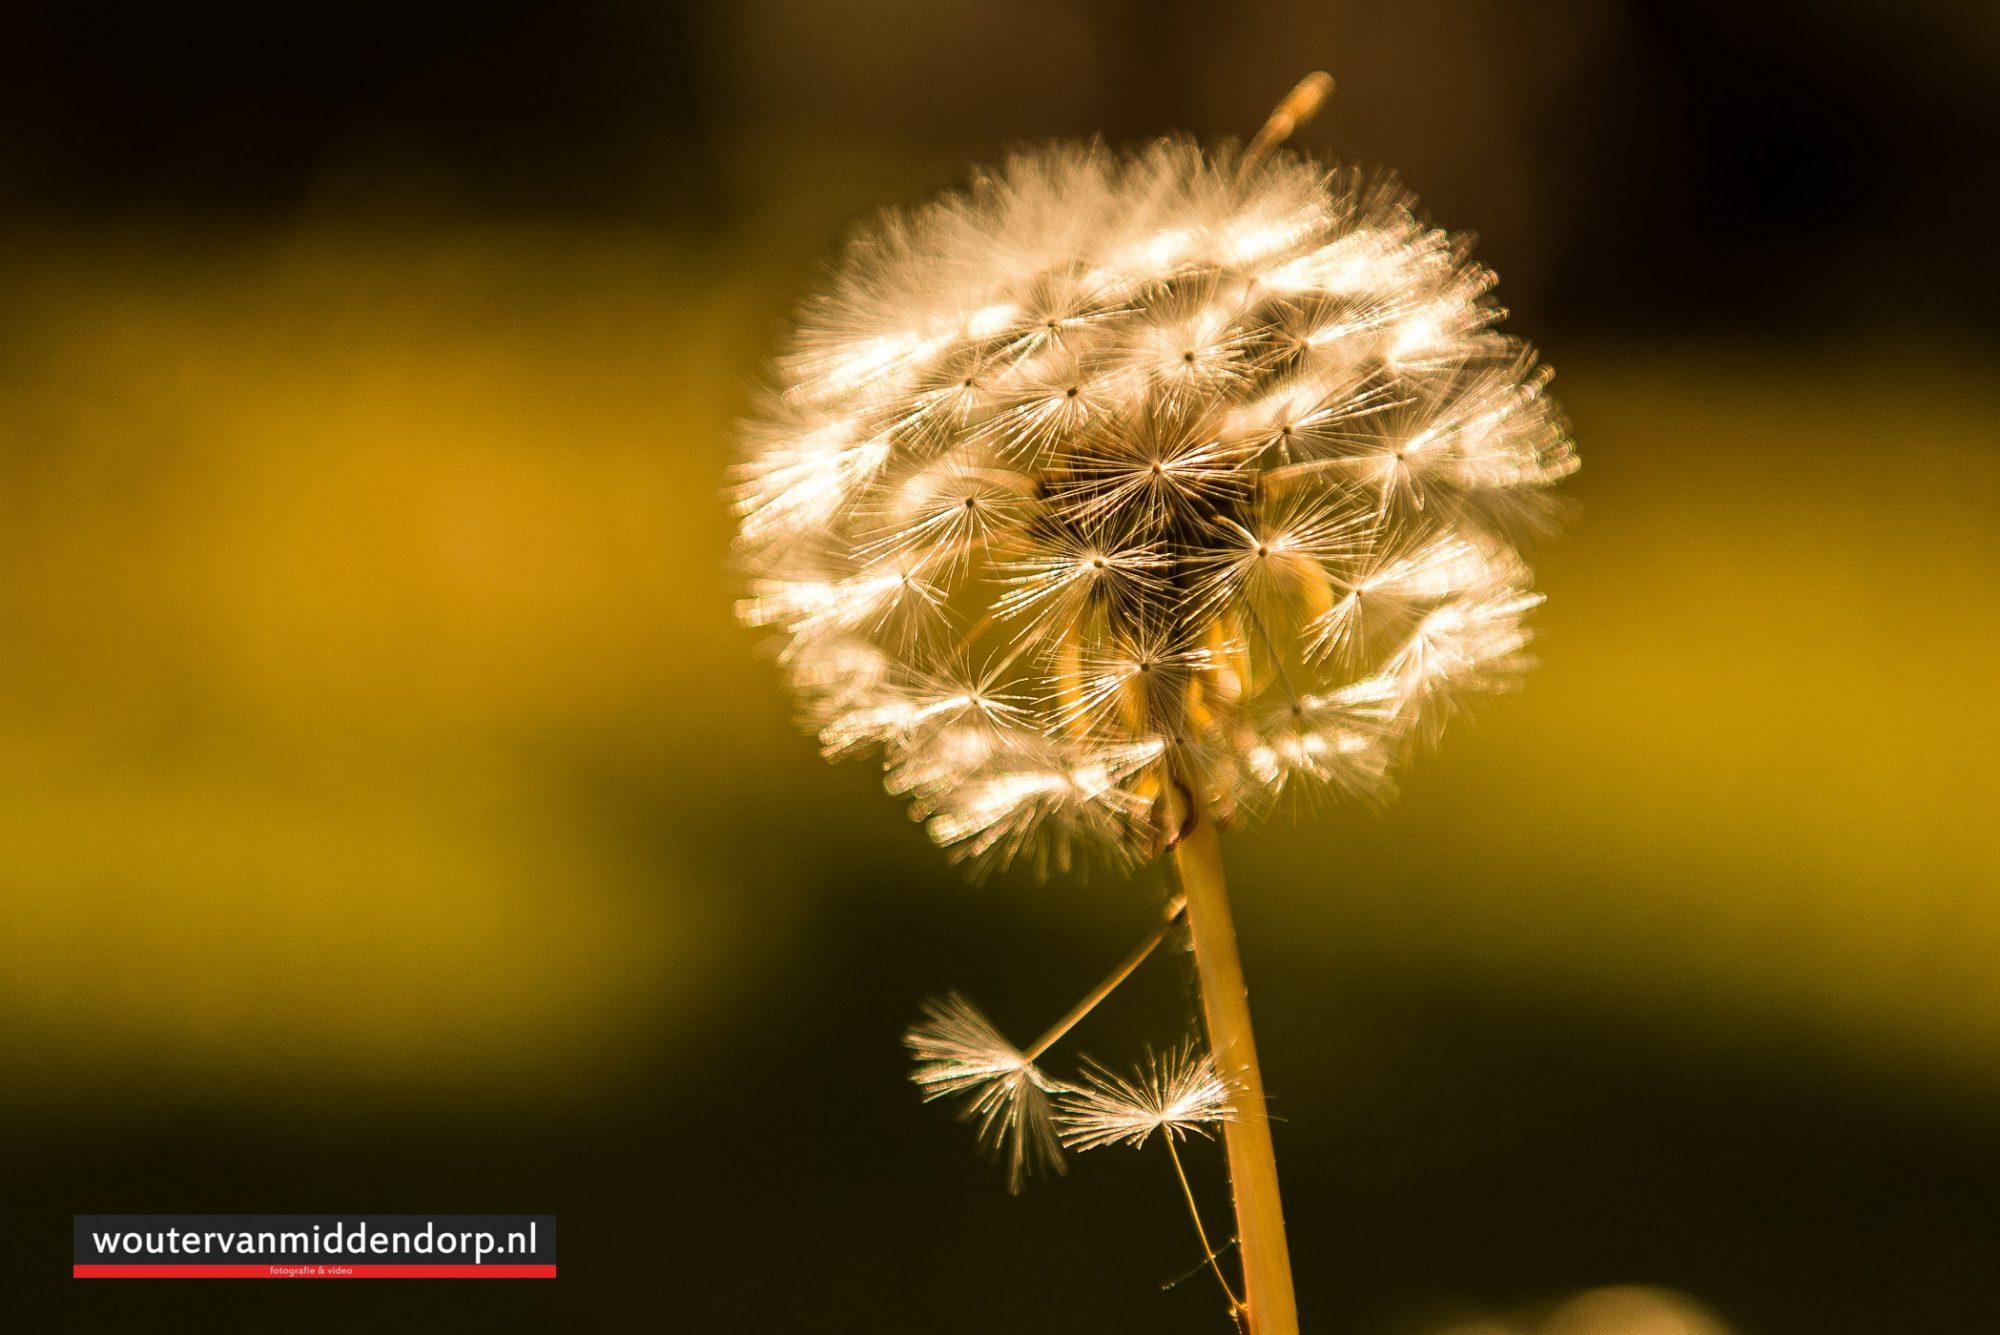 natuurfotografie-149